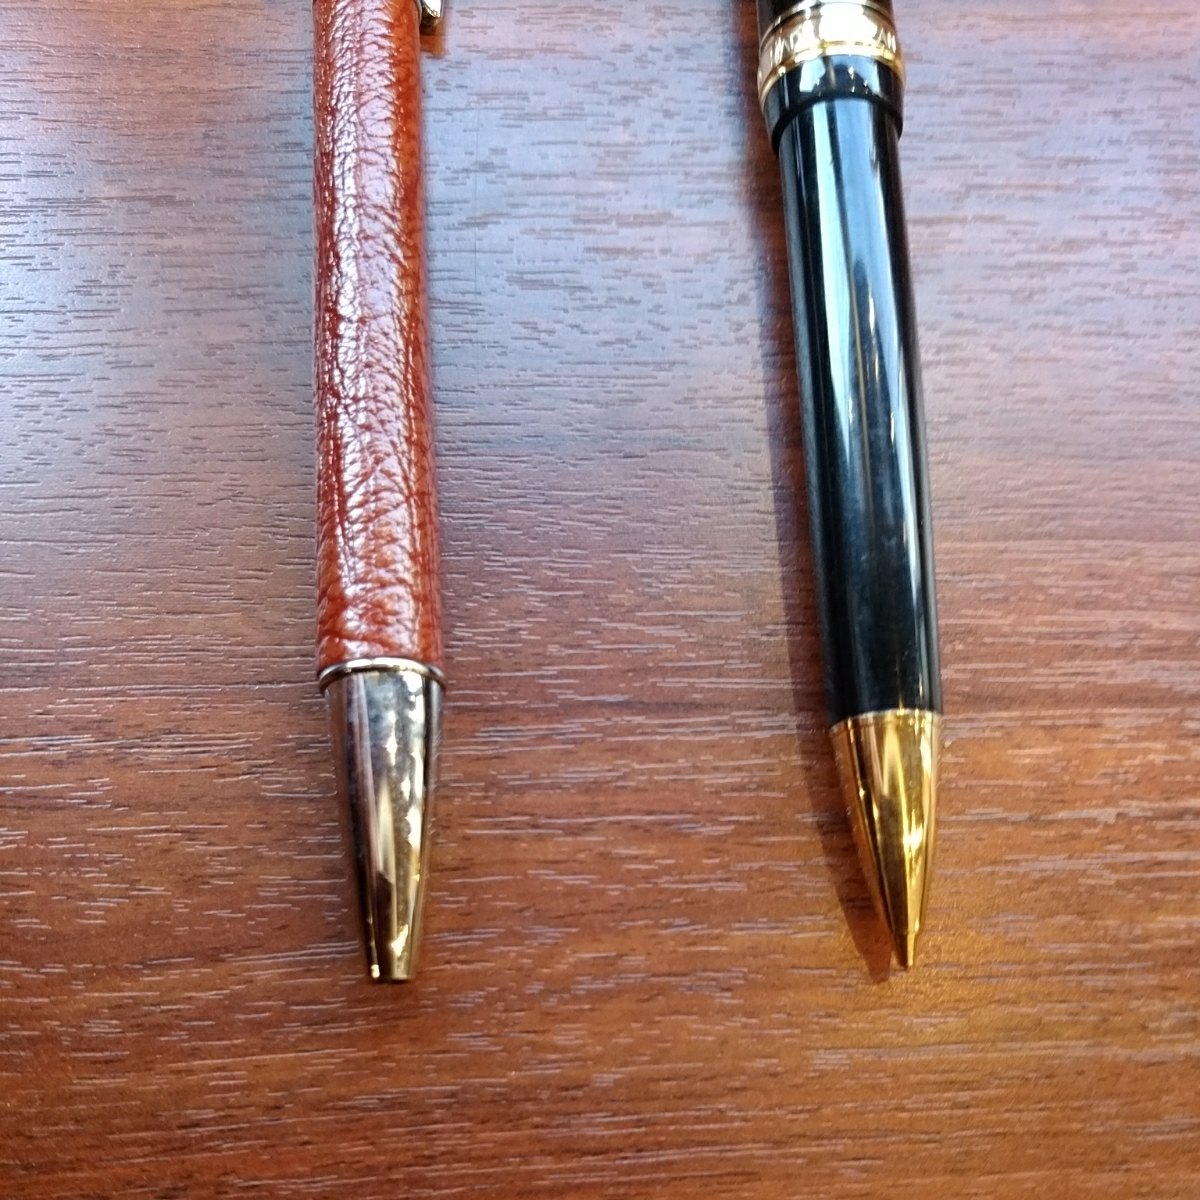 シャーペン ボールペン プラチナ 3776 と 革巻き_画像4